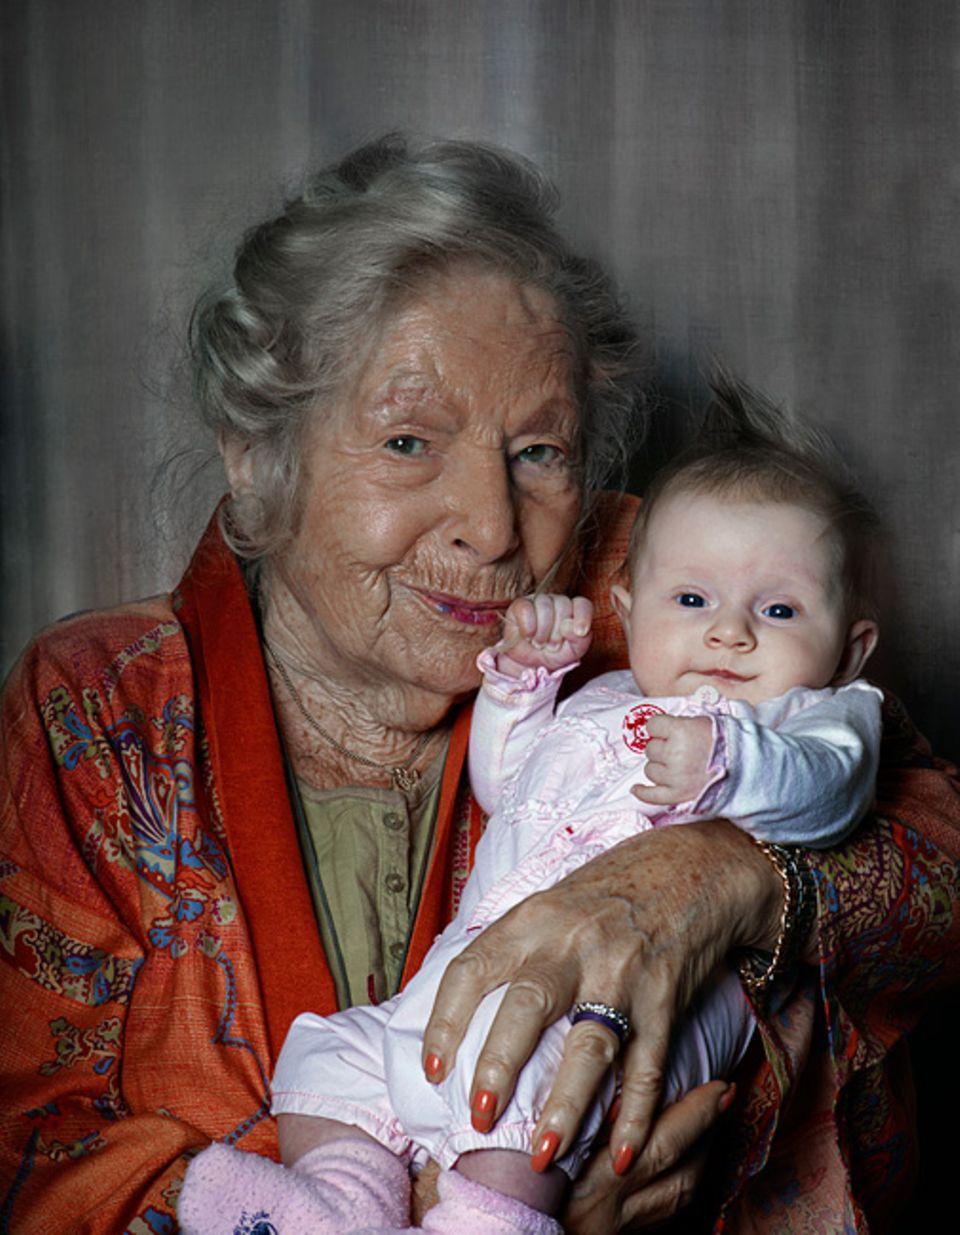 Gesundheit: Geboren 1912, geboren 2012: Marga Spiegel und Leandra Beck. Dass Menschen, die ein Jahrhundert trennt, gemeinsam auf der Welt sind, wird immer häufiger vorkommen